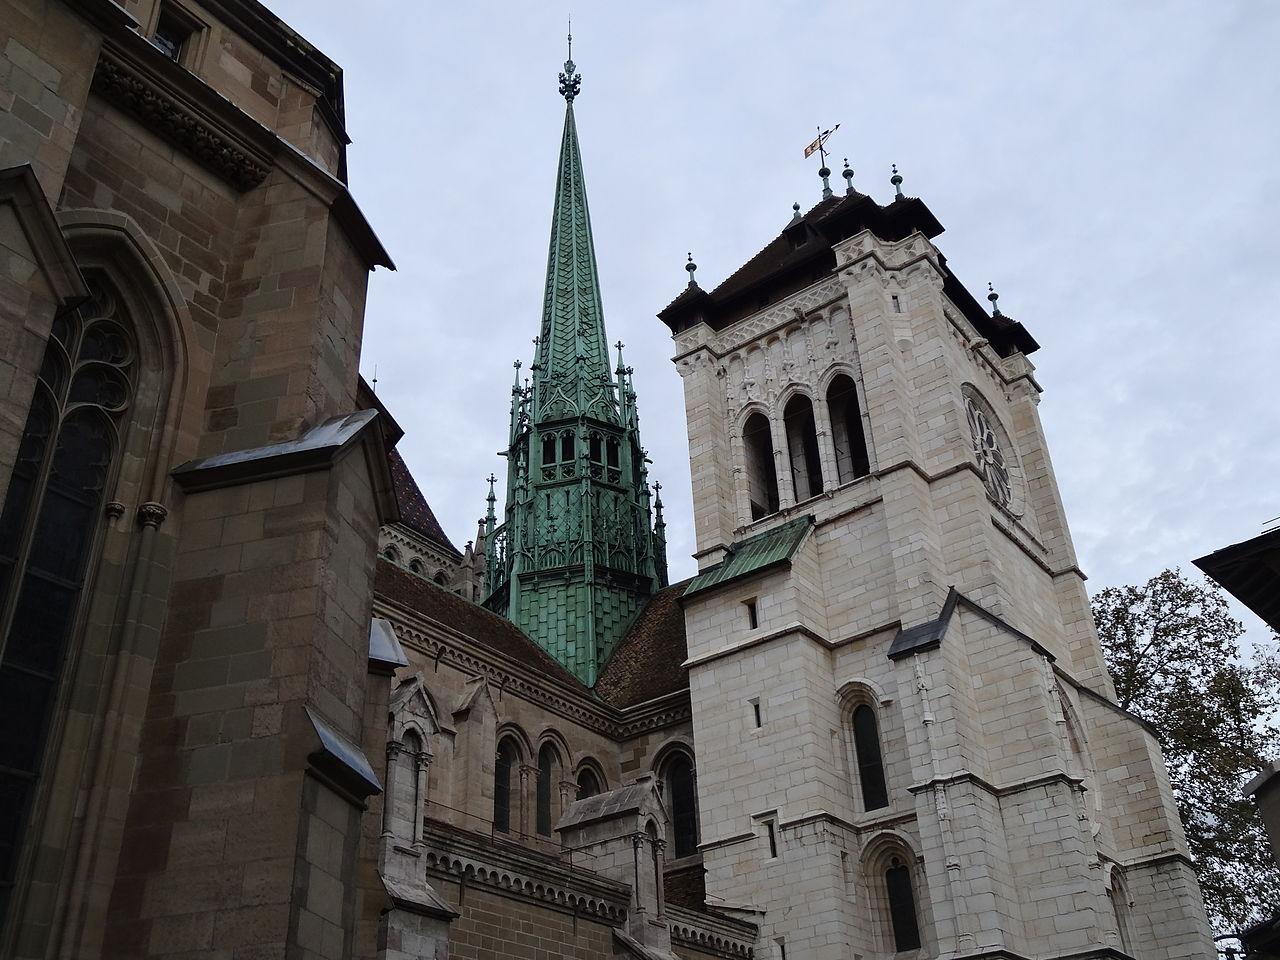 Кафедральный собор святого Петра, Женева